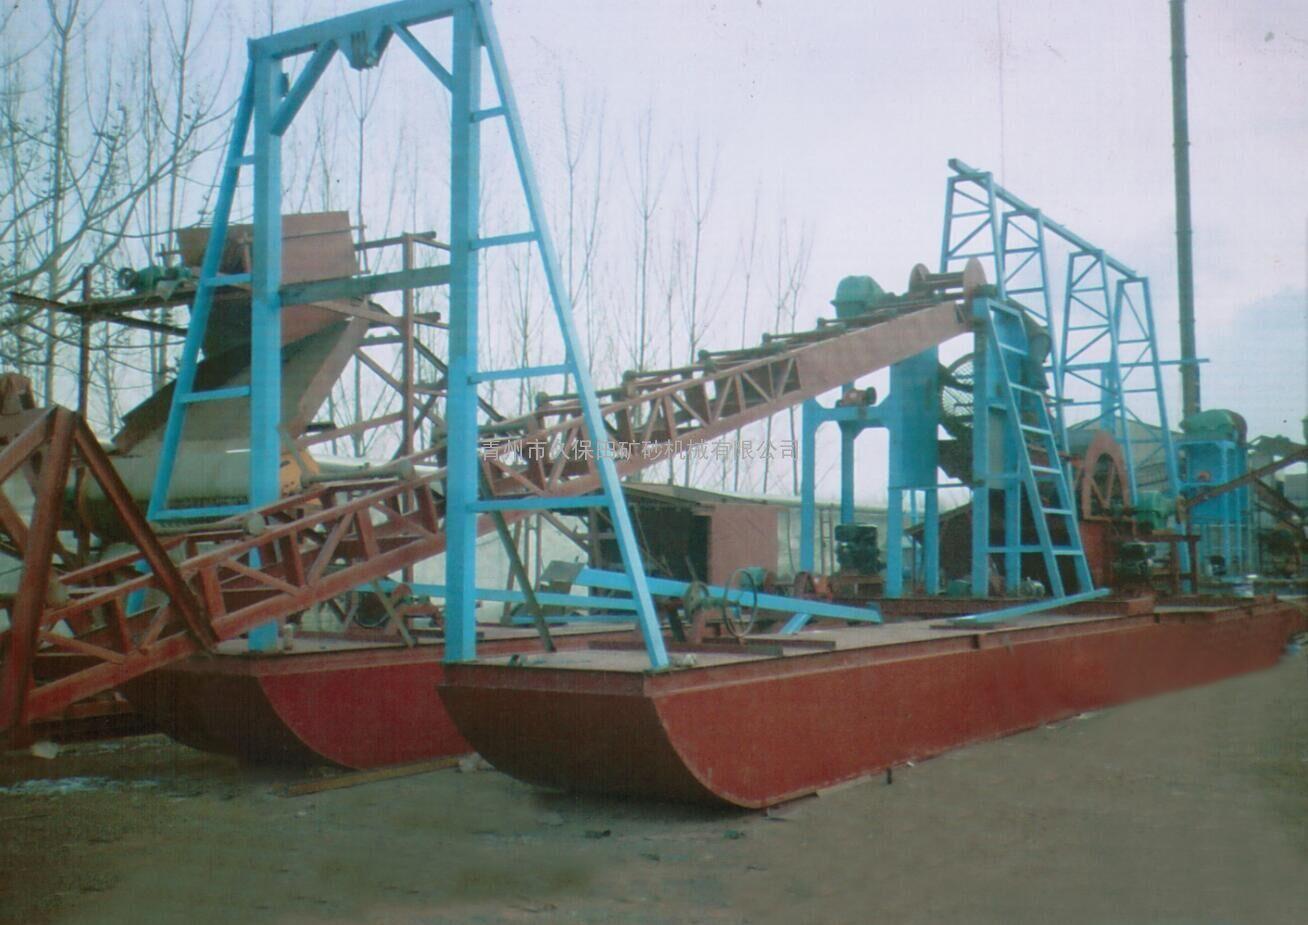 山东挖沙船 工程船 久保田 挖沙船 清淤船